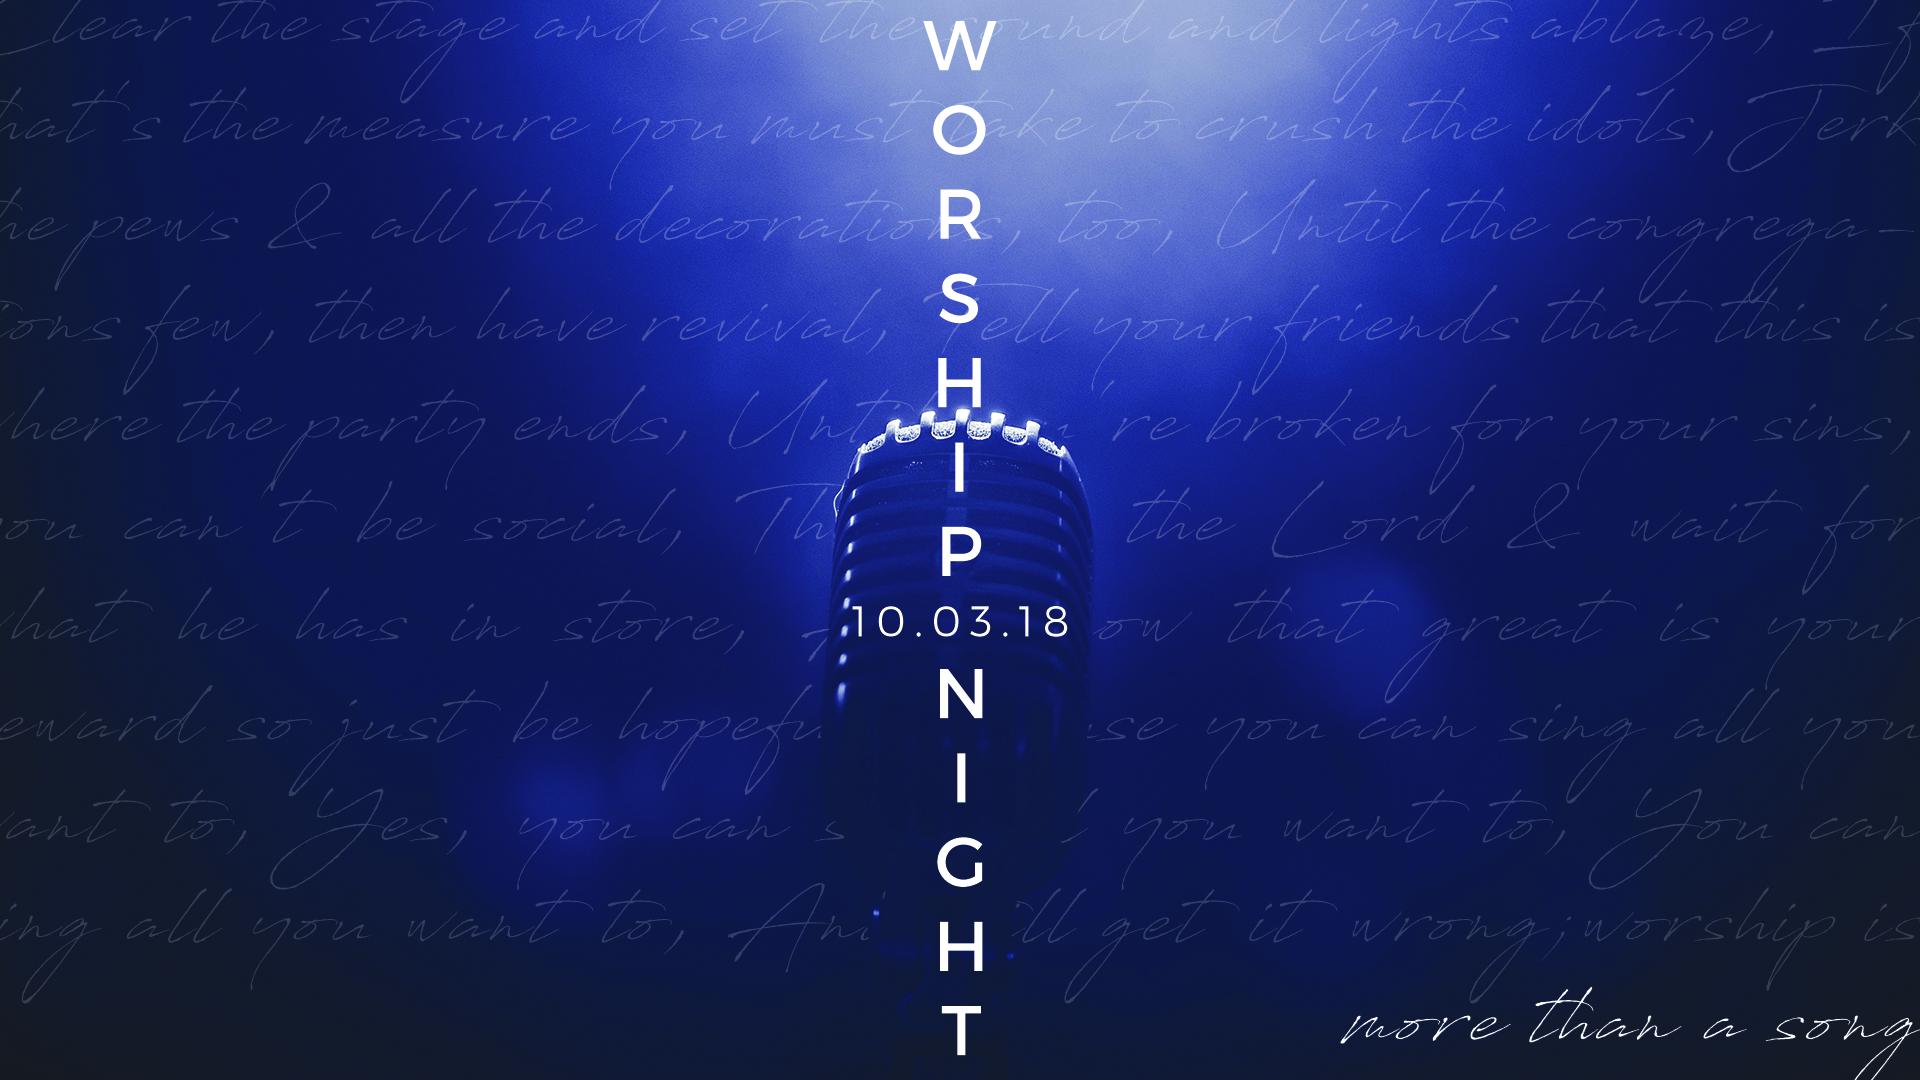 Worship Night Graphic.jpg